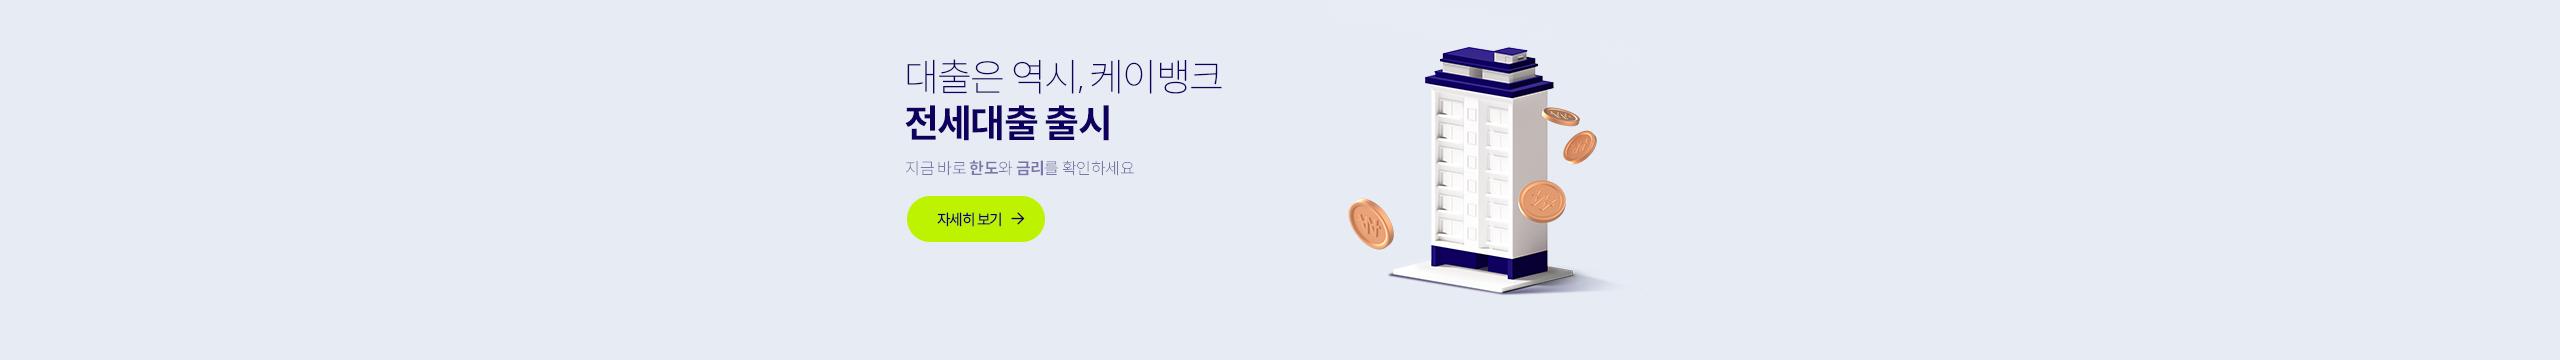 PC메인상단_전세대출